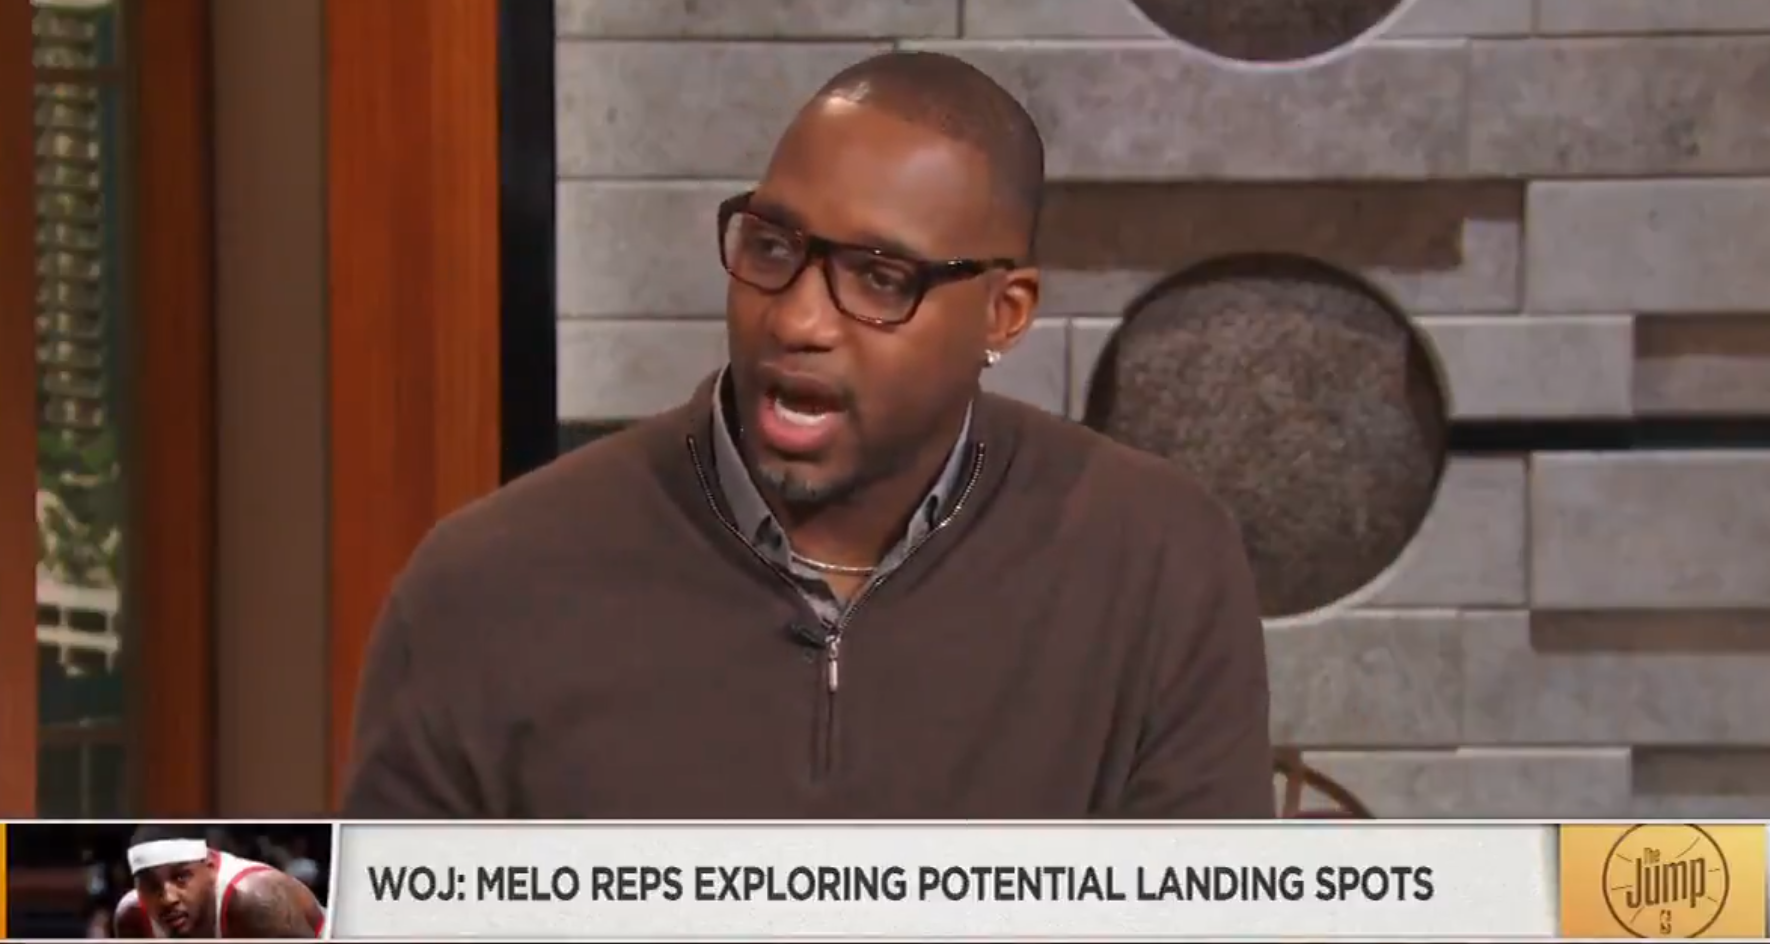 麦蒂:安东尼该退役了 再打球会影响他的历史地位